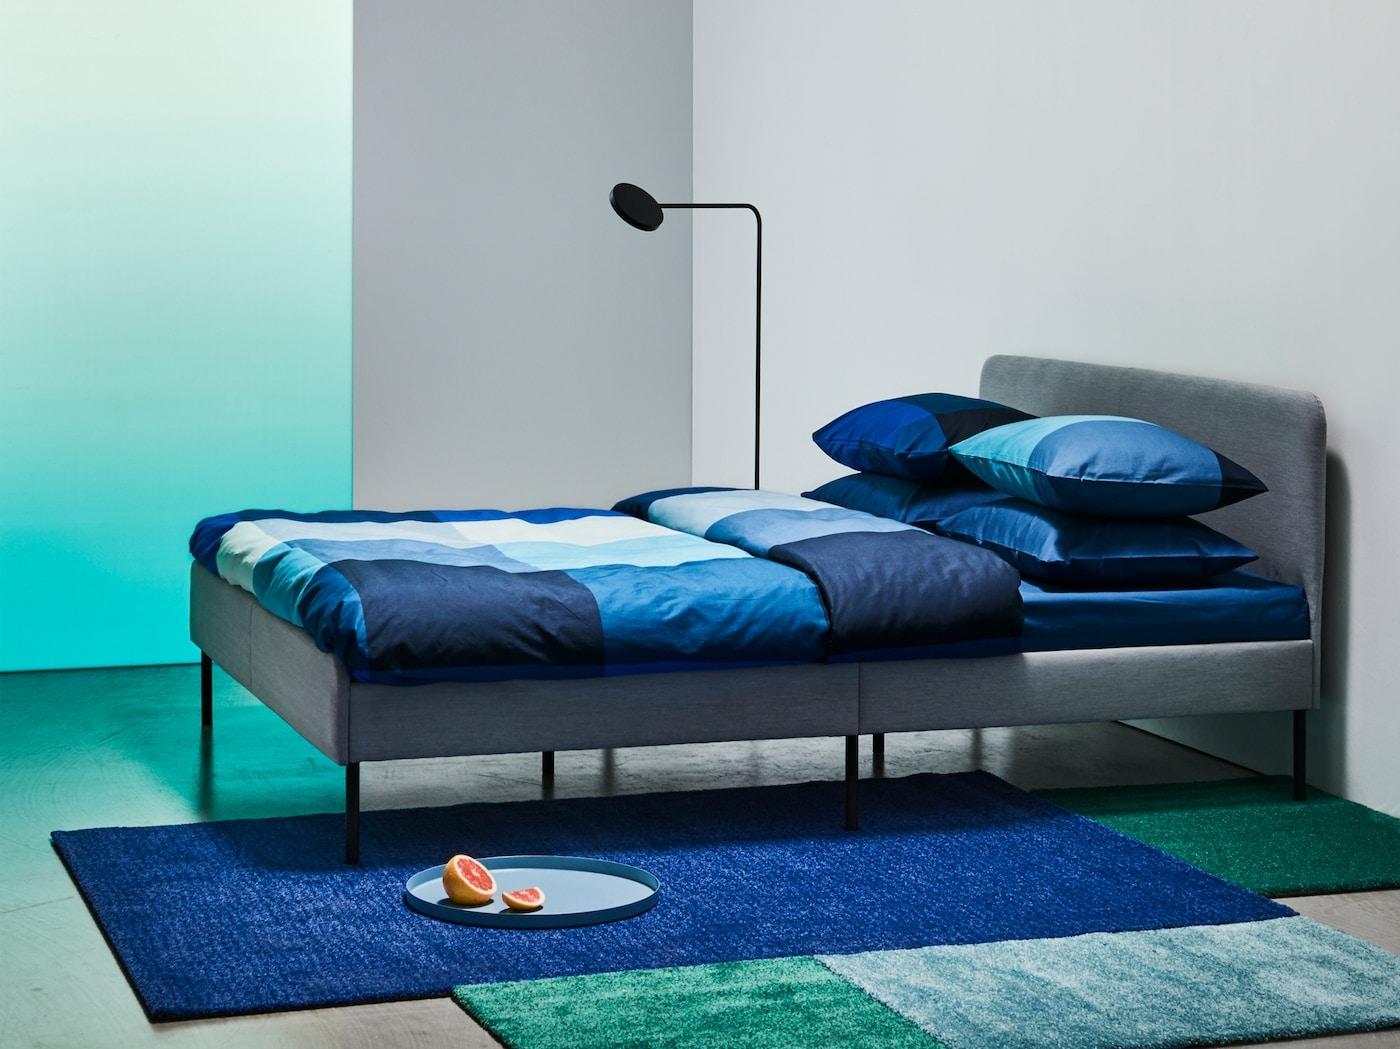 Prezzo Letto Rotondo Ikea.Https Www Ikea Com It It Stores Milano Carugate Ikea Milano